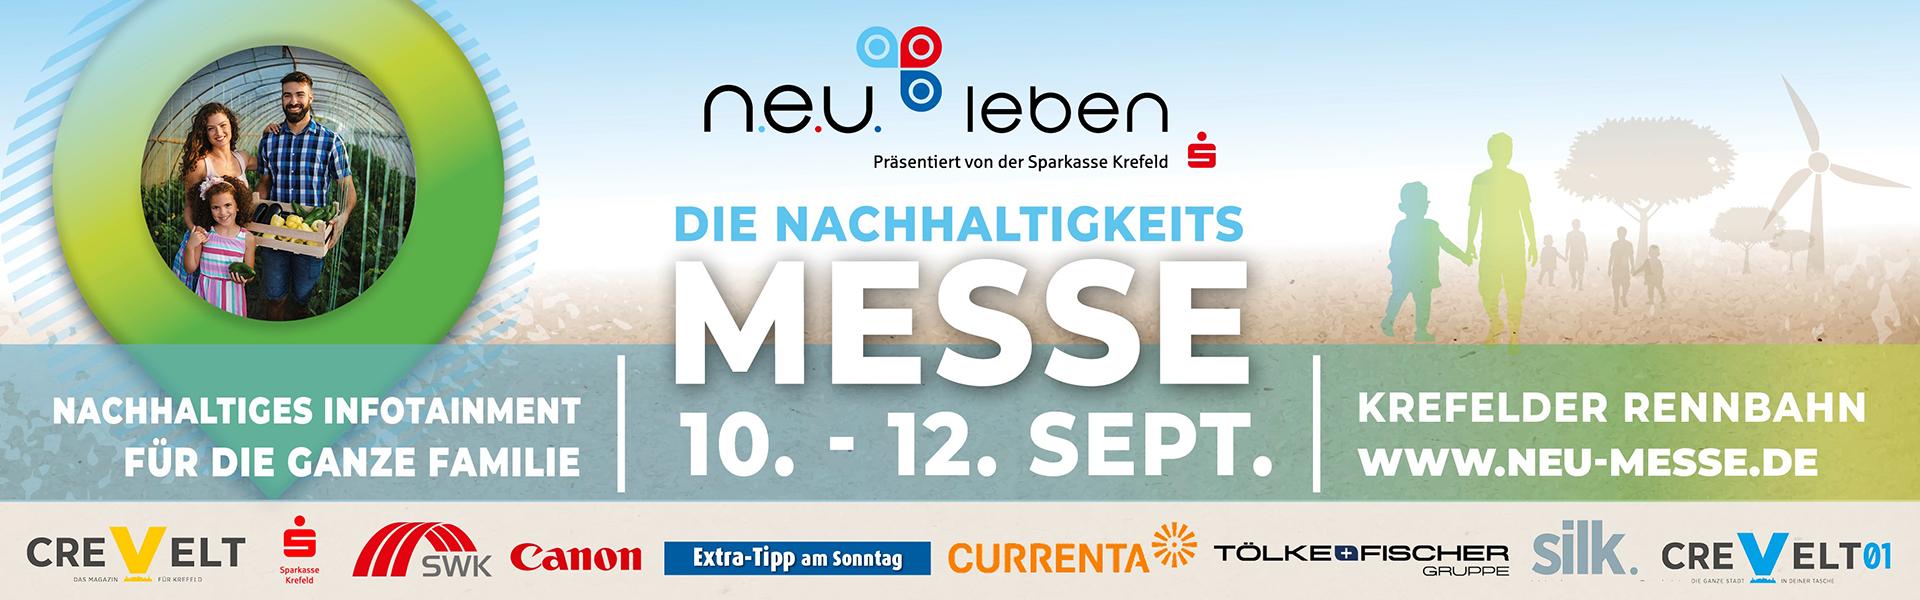 n.e.u. leben - Die Nachhaltigkeits-Messe in Krefeld